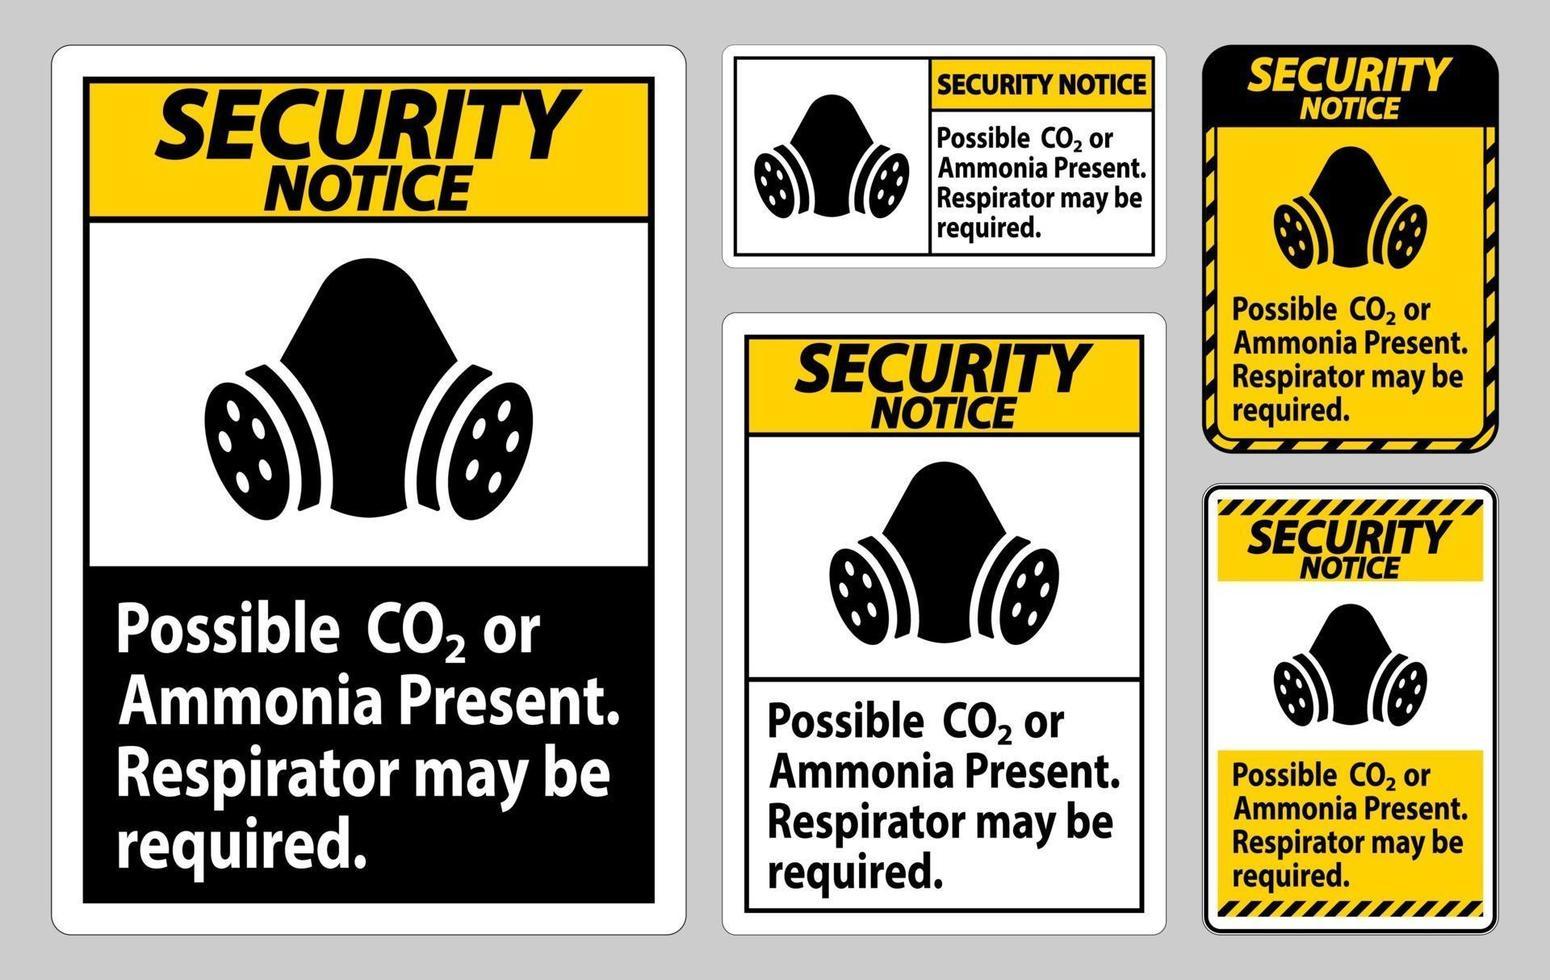 Sicherheitshinweis ppe Zeichen mögliches CO2 oder Ammoniak vorhanden, Atemschutzgerät erforderlich vektor